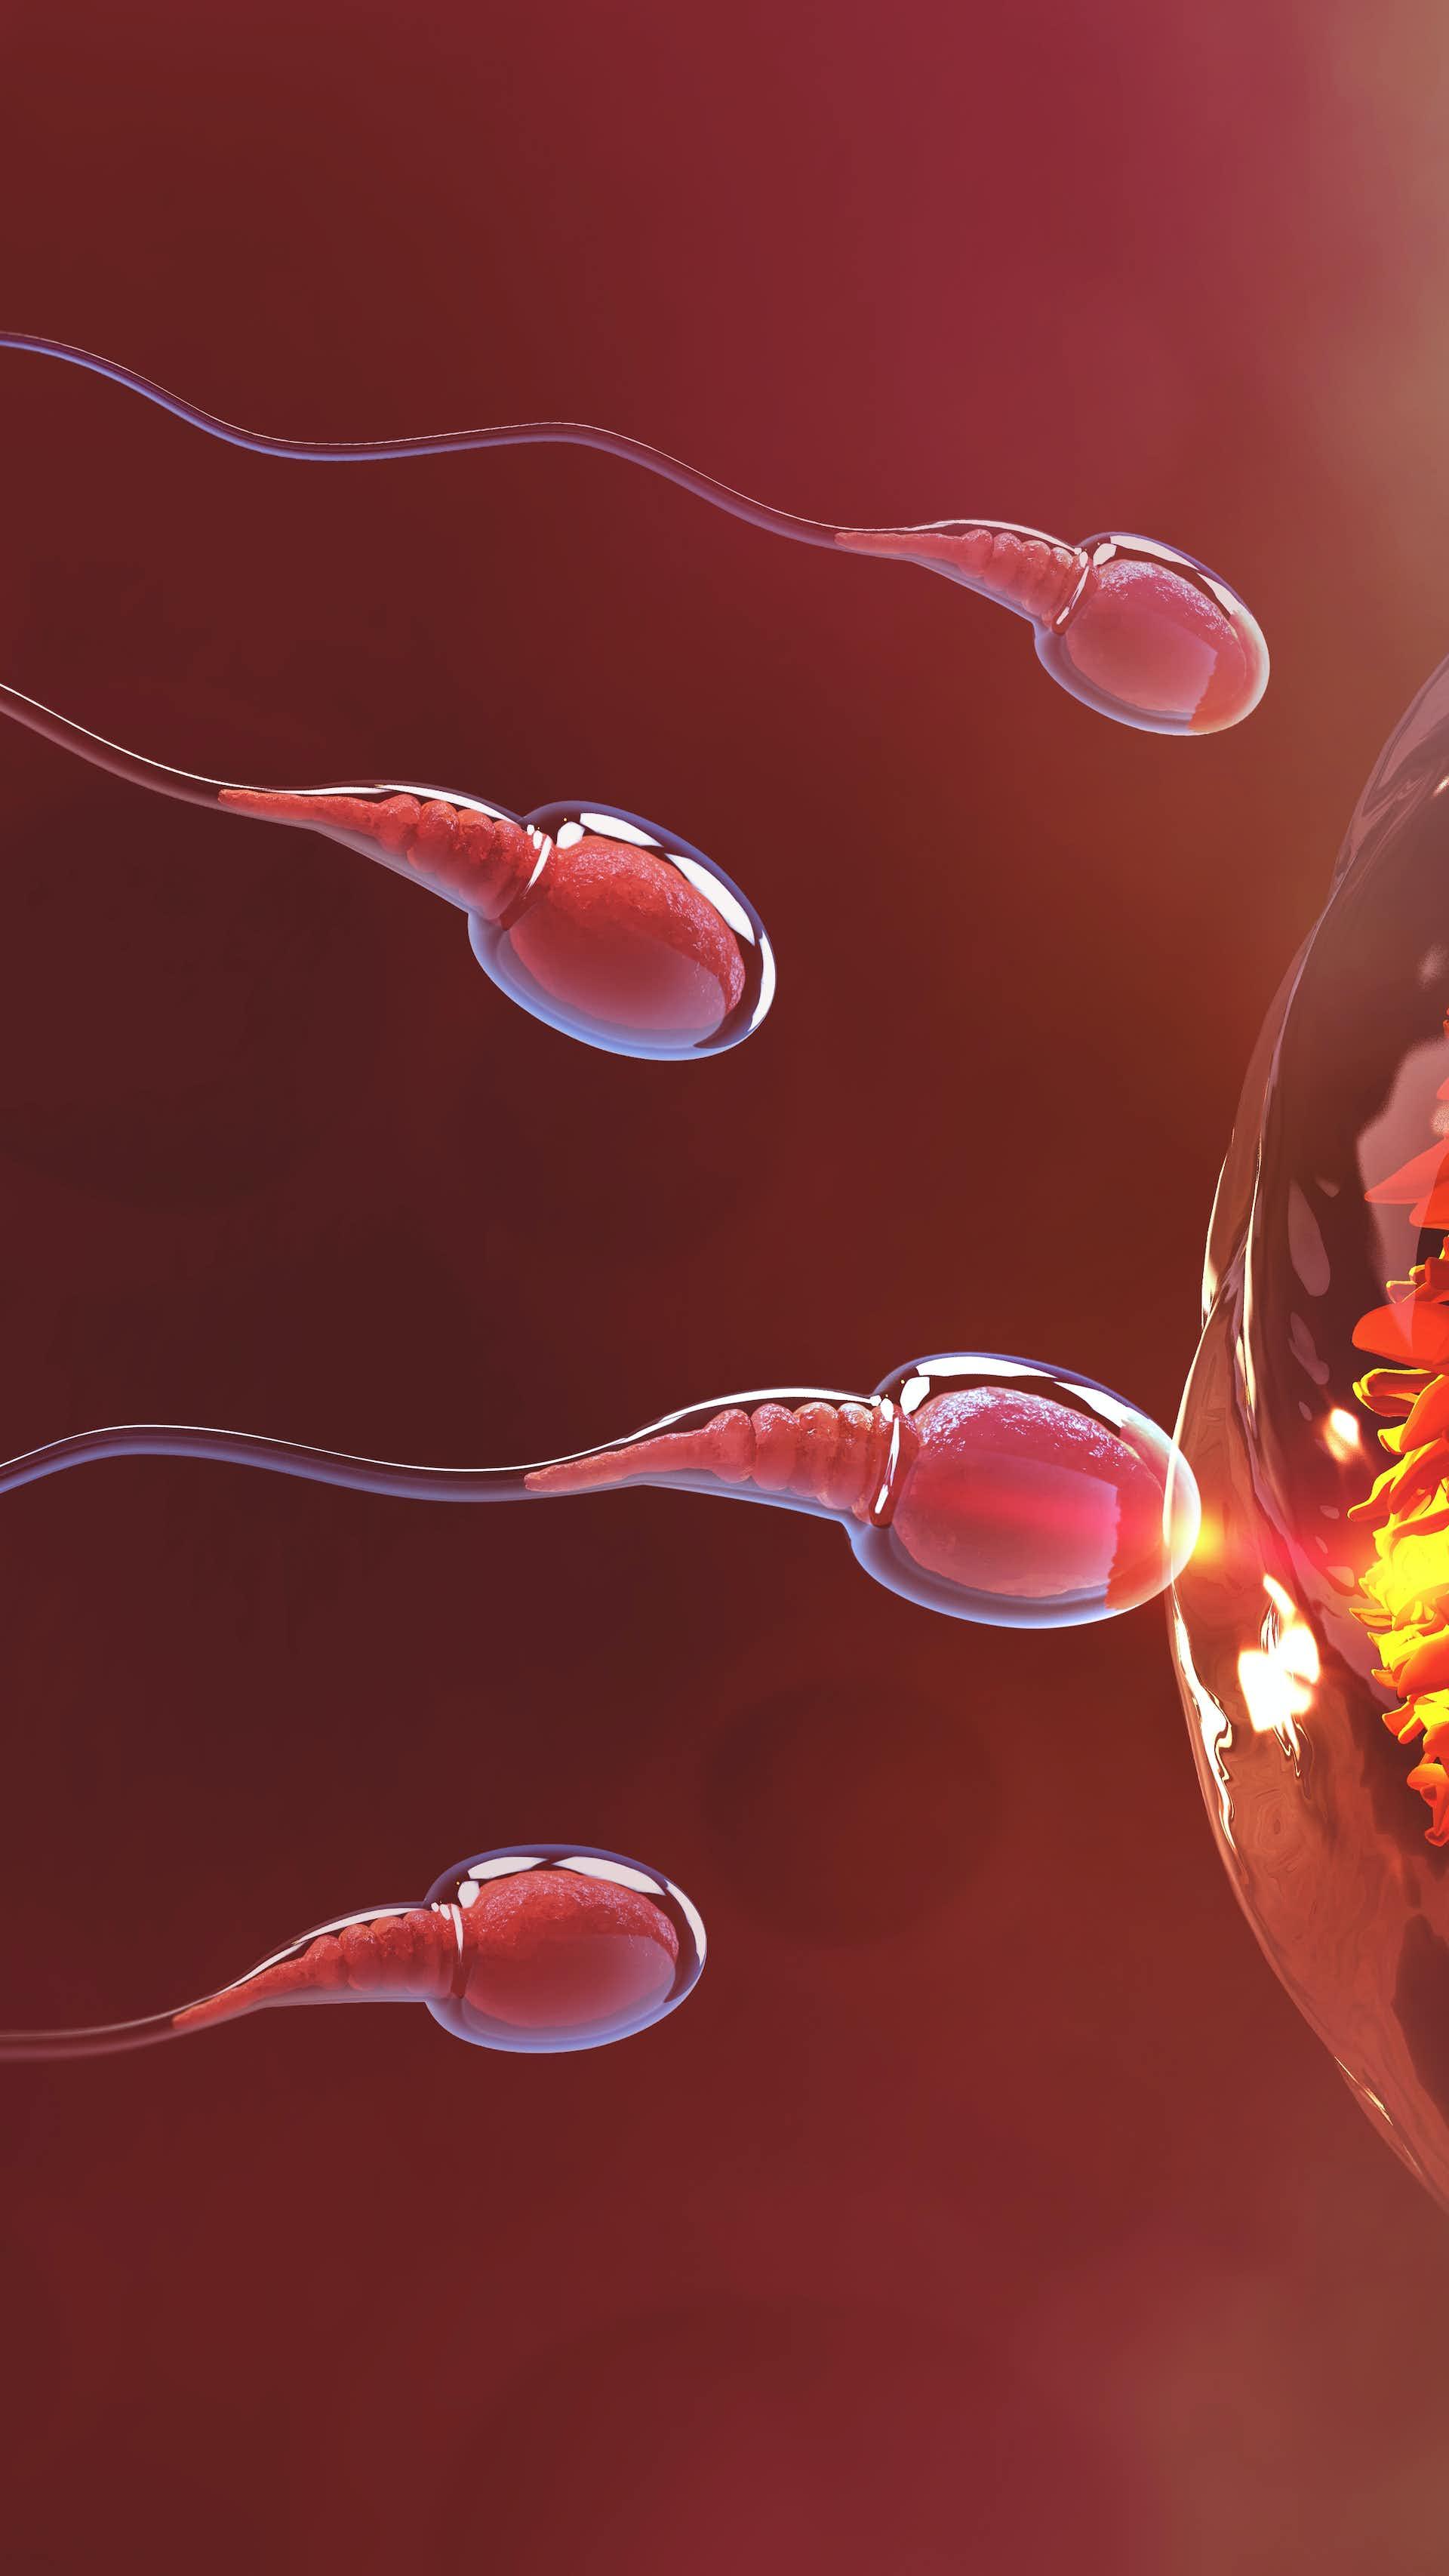 Tjock Sperma